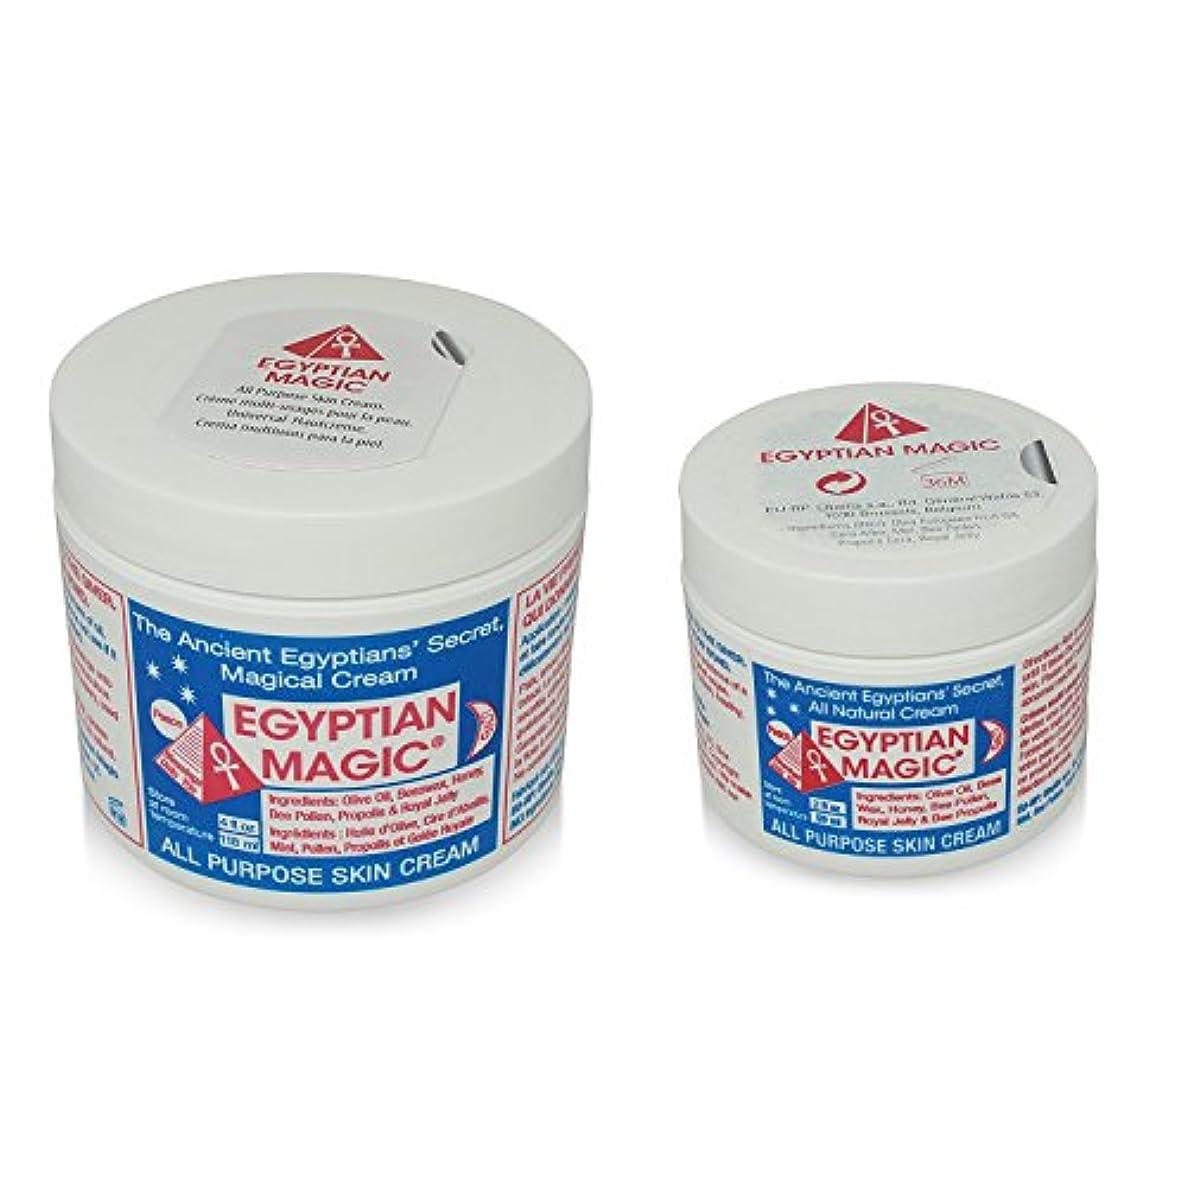 実質的囲まれた古くなったEgyptian Magic Skin Cream エジプシャンマジッククリーム  (118ml)と(59ml)の2個セット